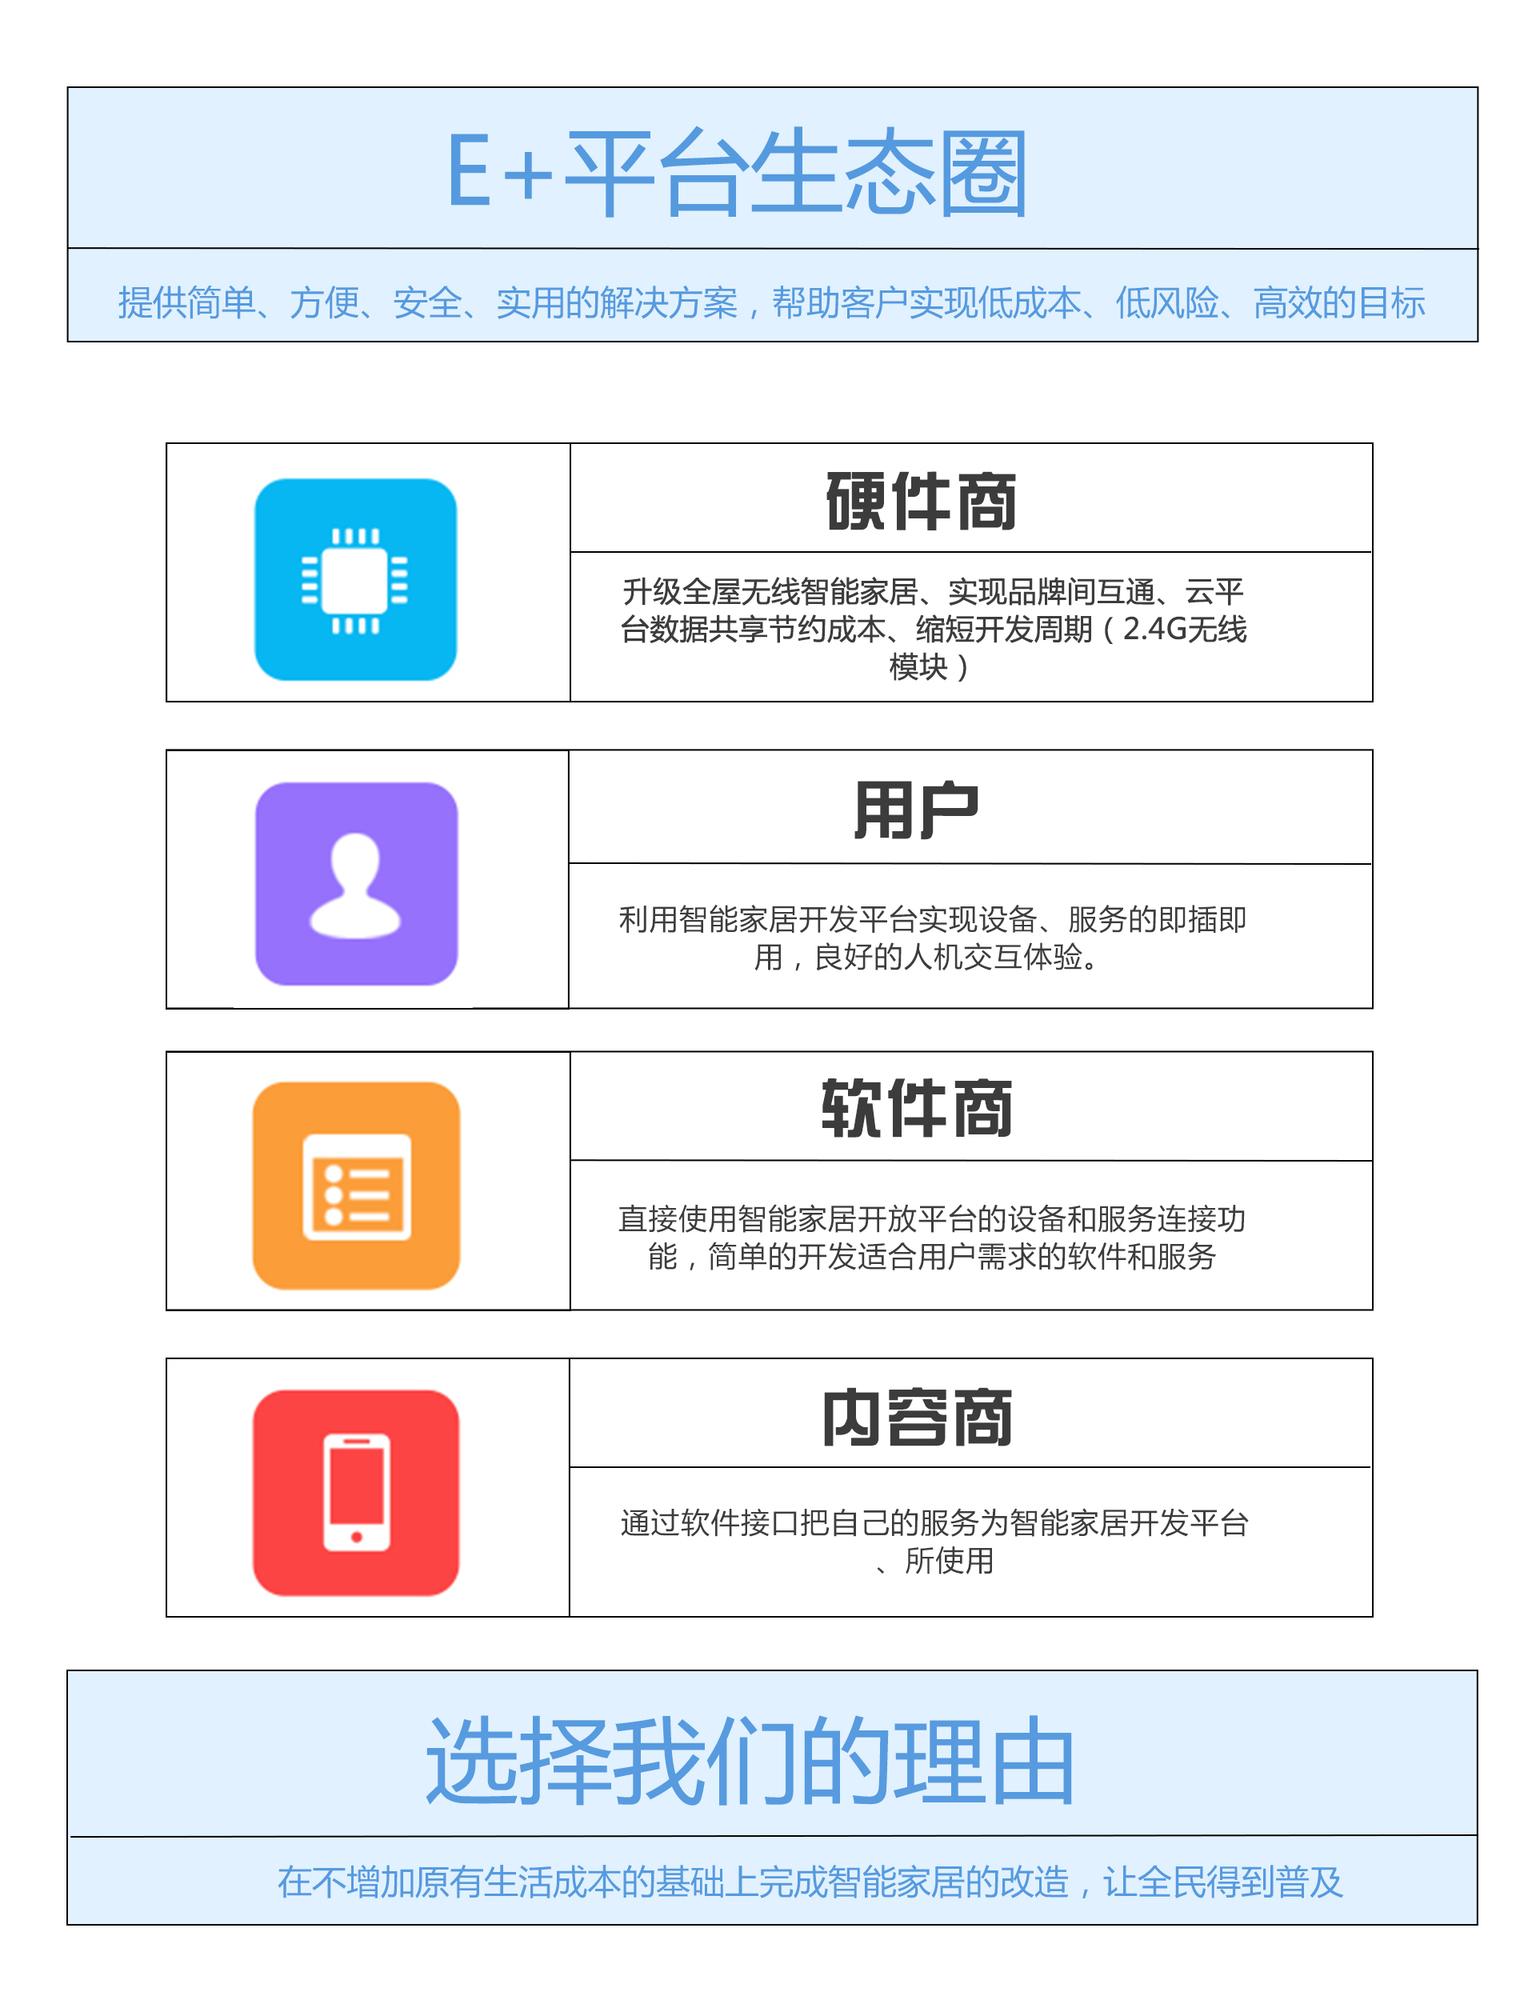 E+平台生态圈.jpg